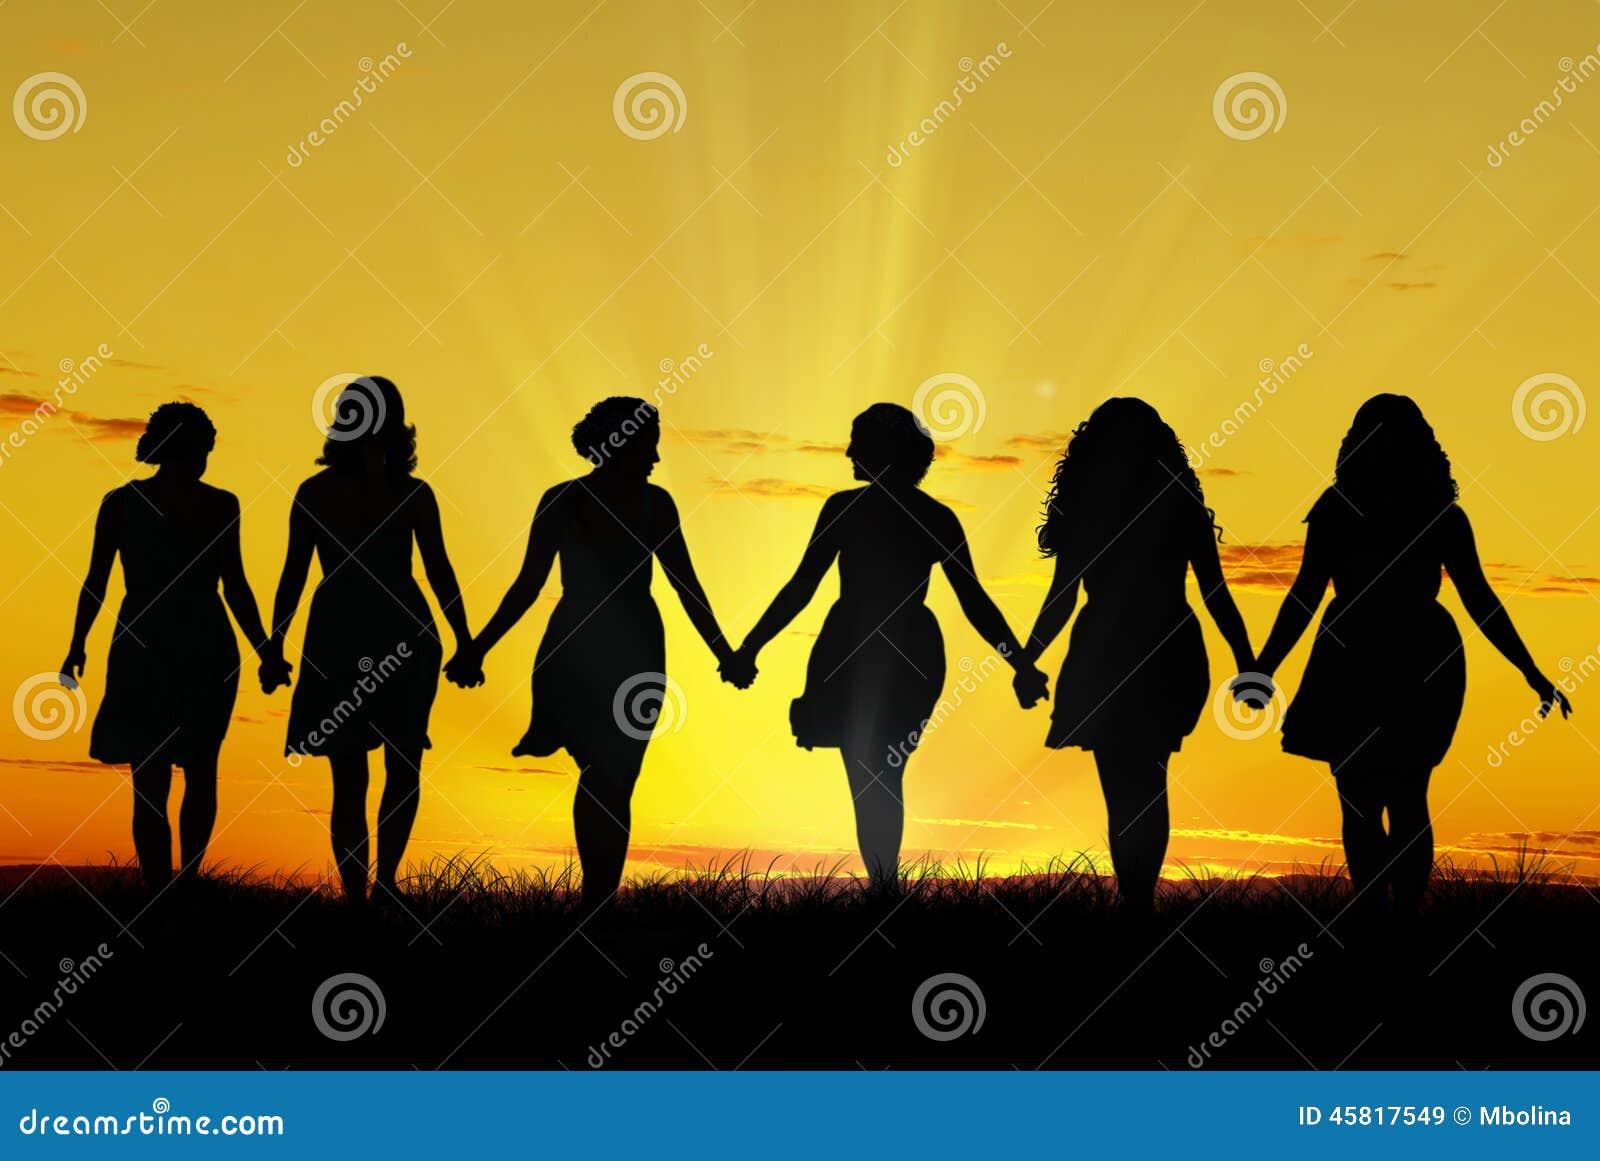 Γυναίκες που περπατούν χέρι-χέρι